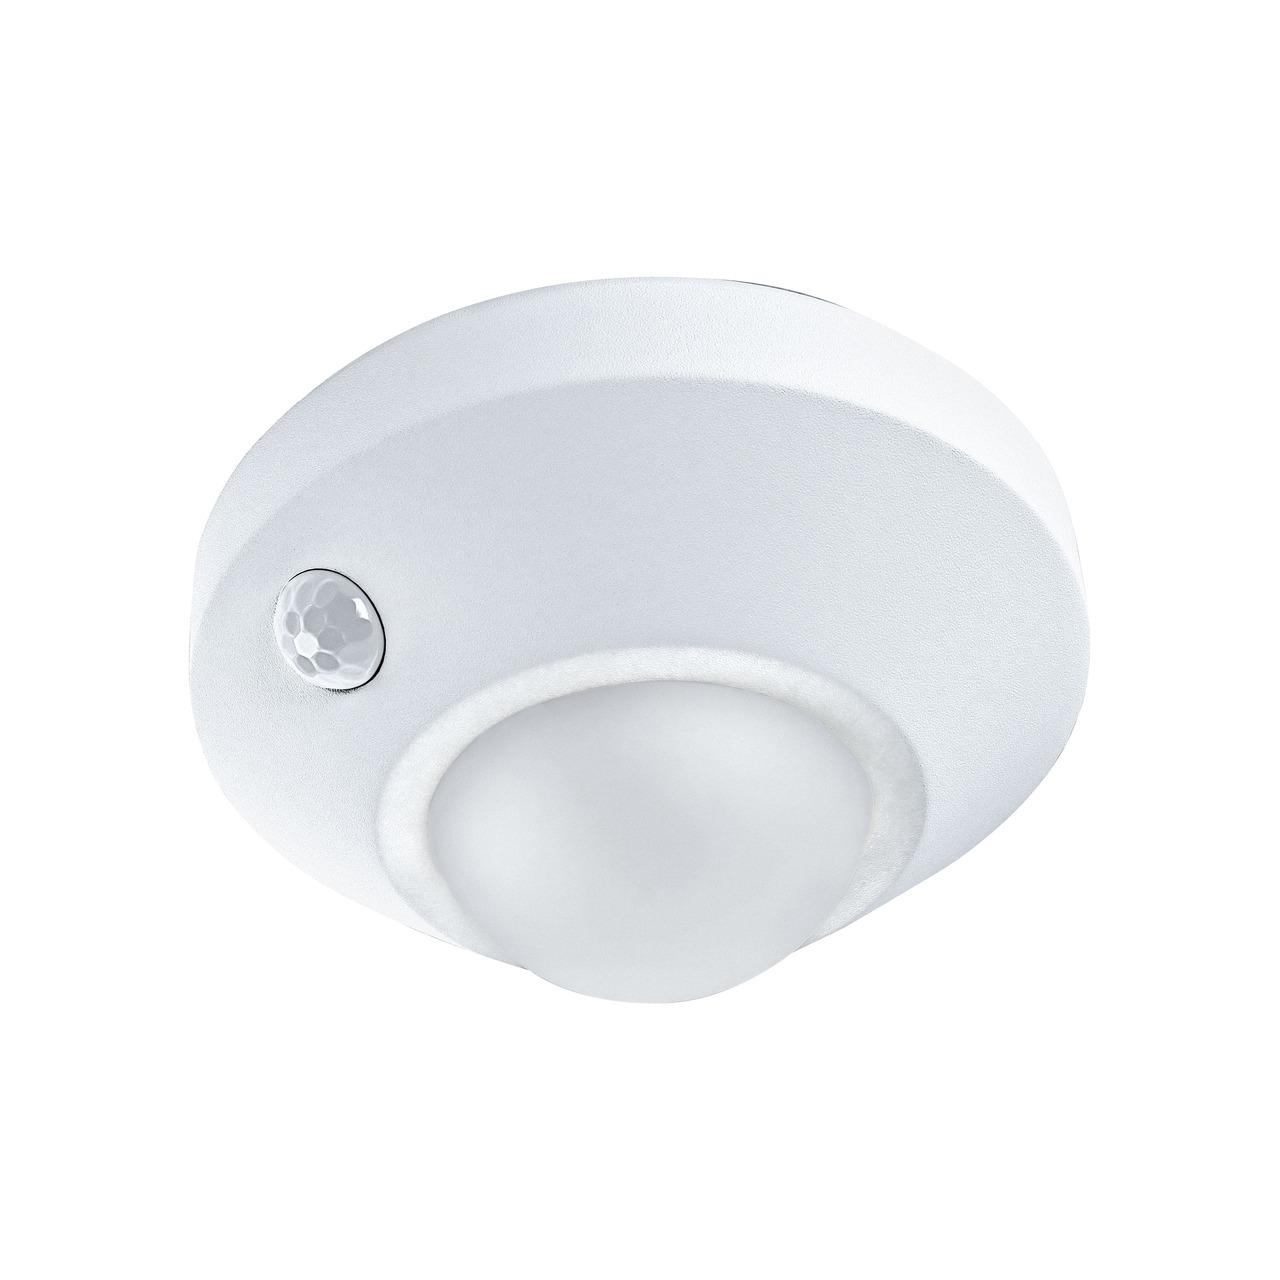 OSRAM Nightlux Batterie-LED-Licht für Deckenmontage- mit Bewegungsmelder- weiss